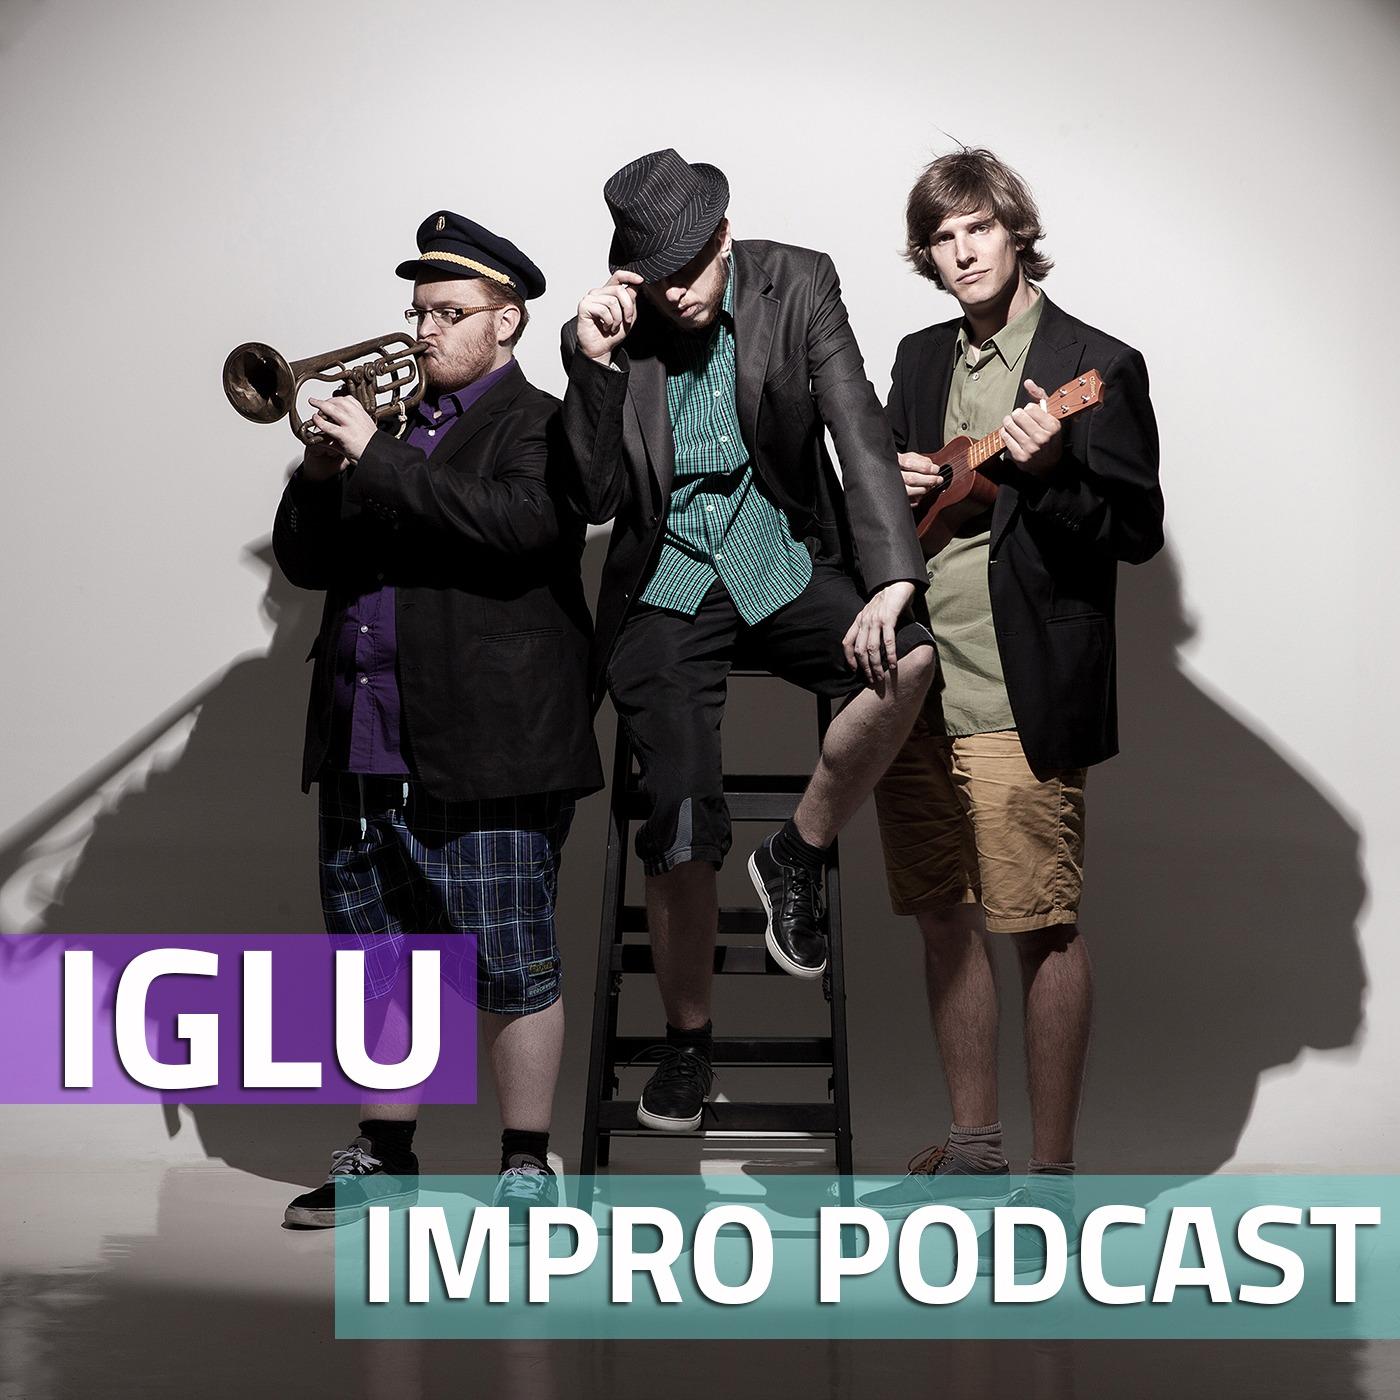 IGLU Impro Podcast